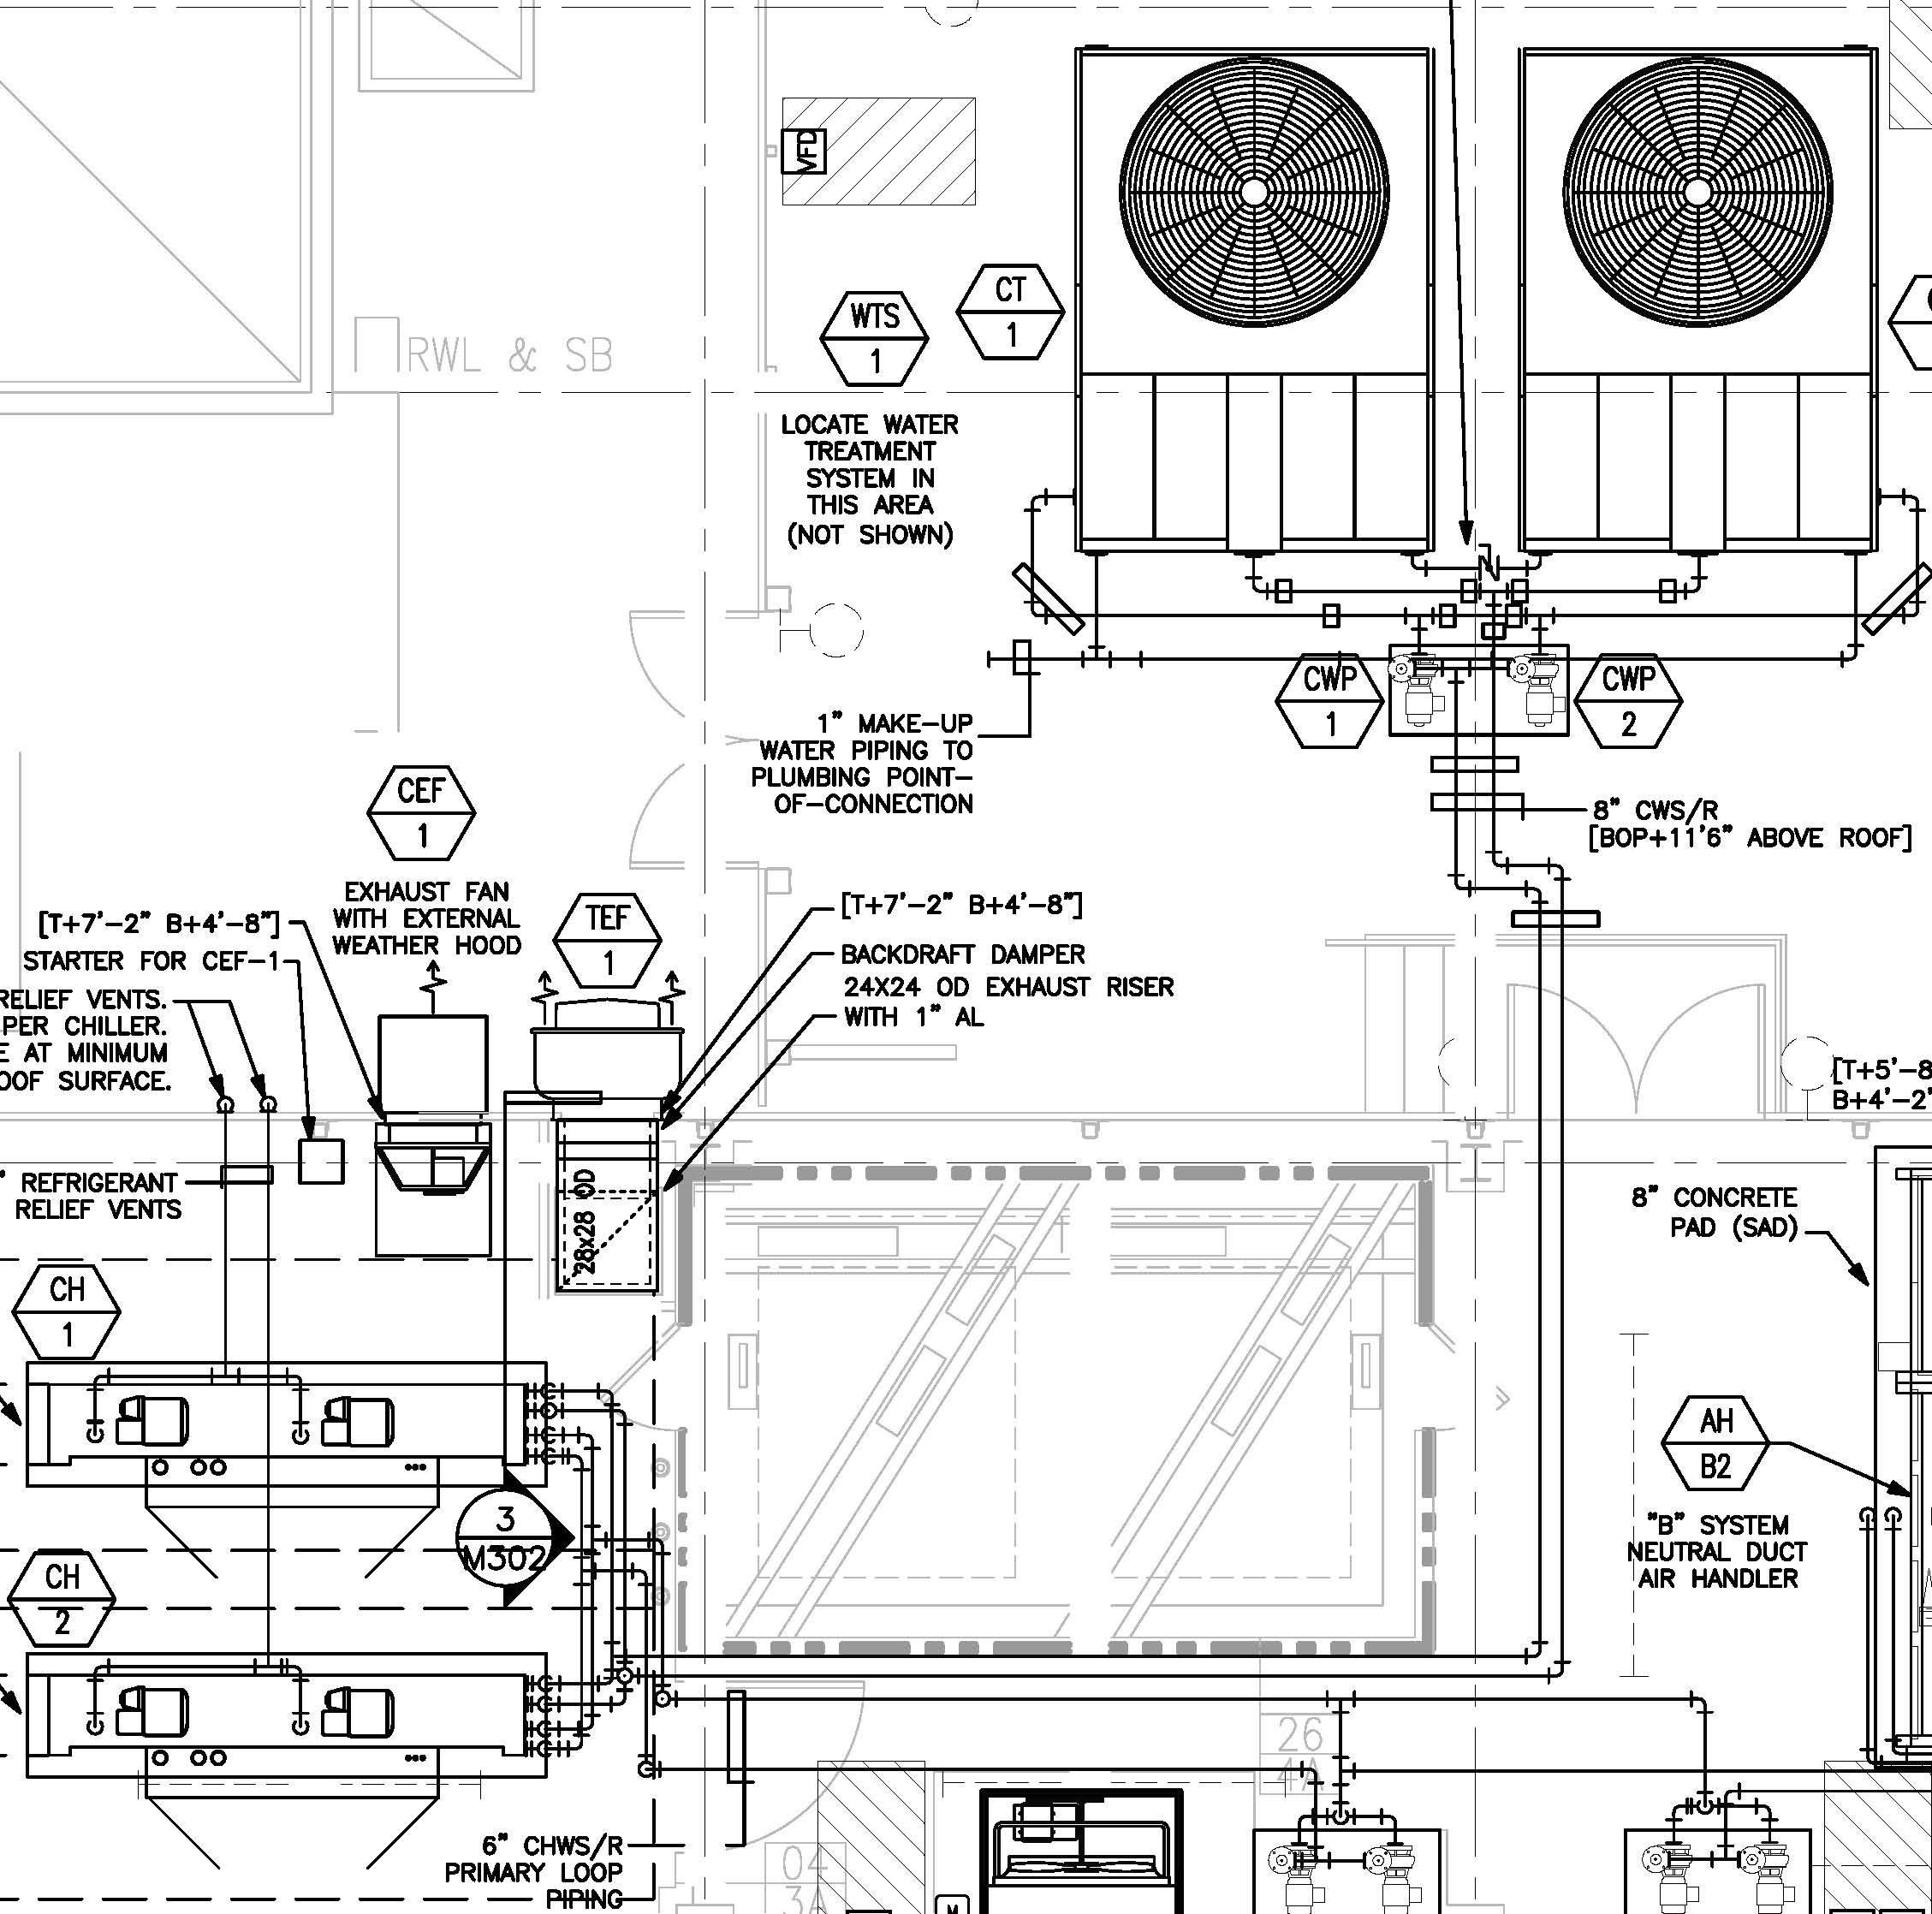 1973 chevy truck wiring schematics